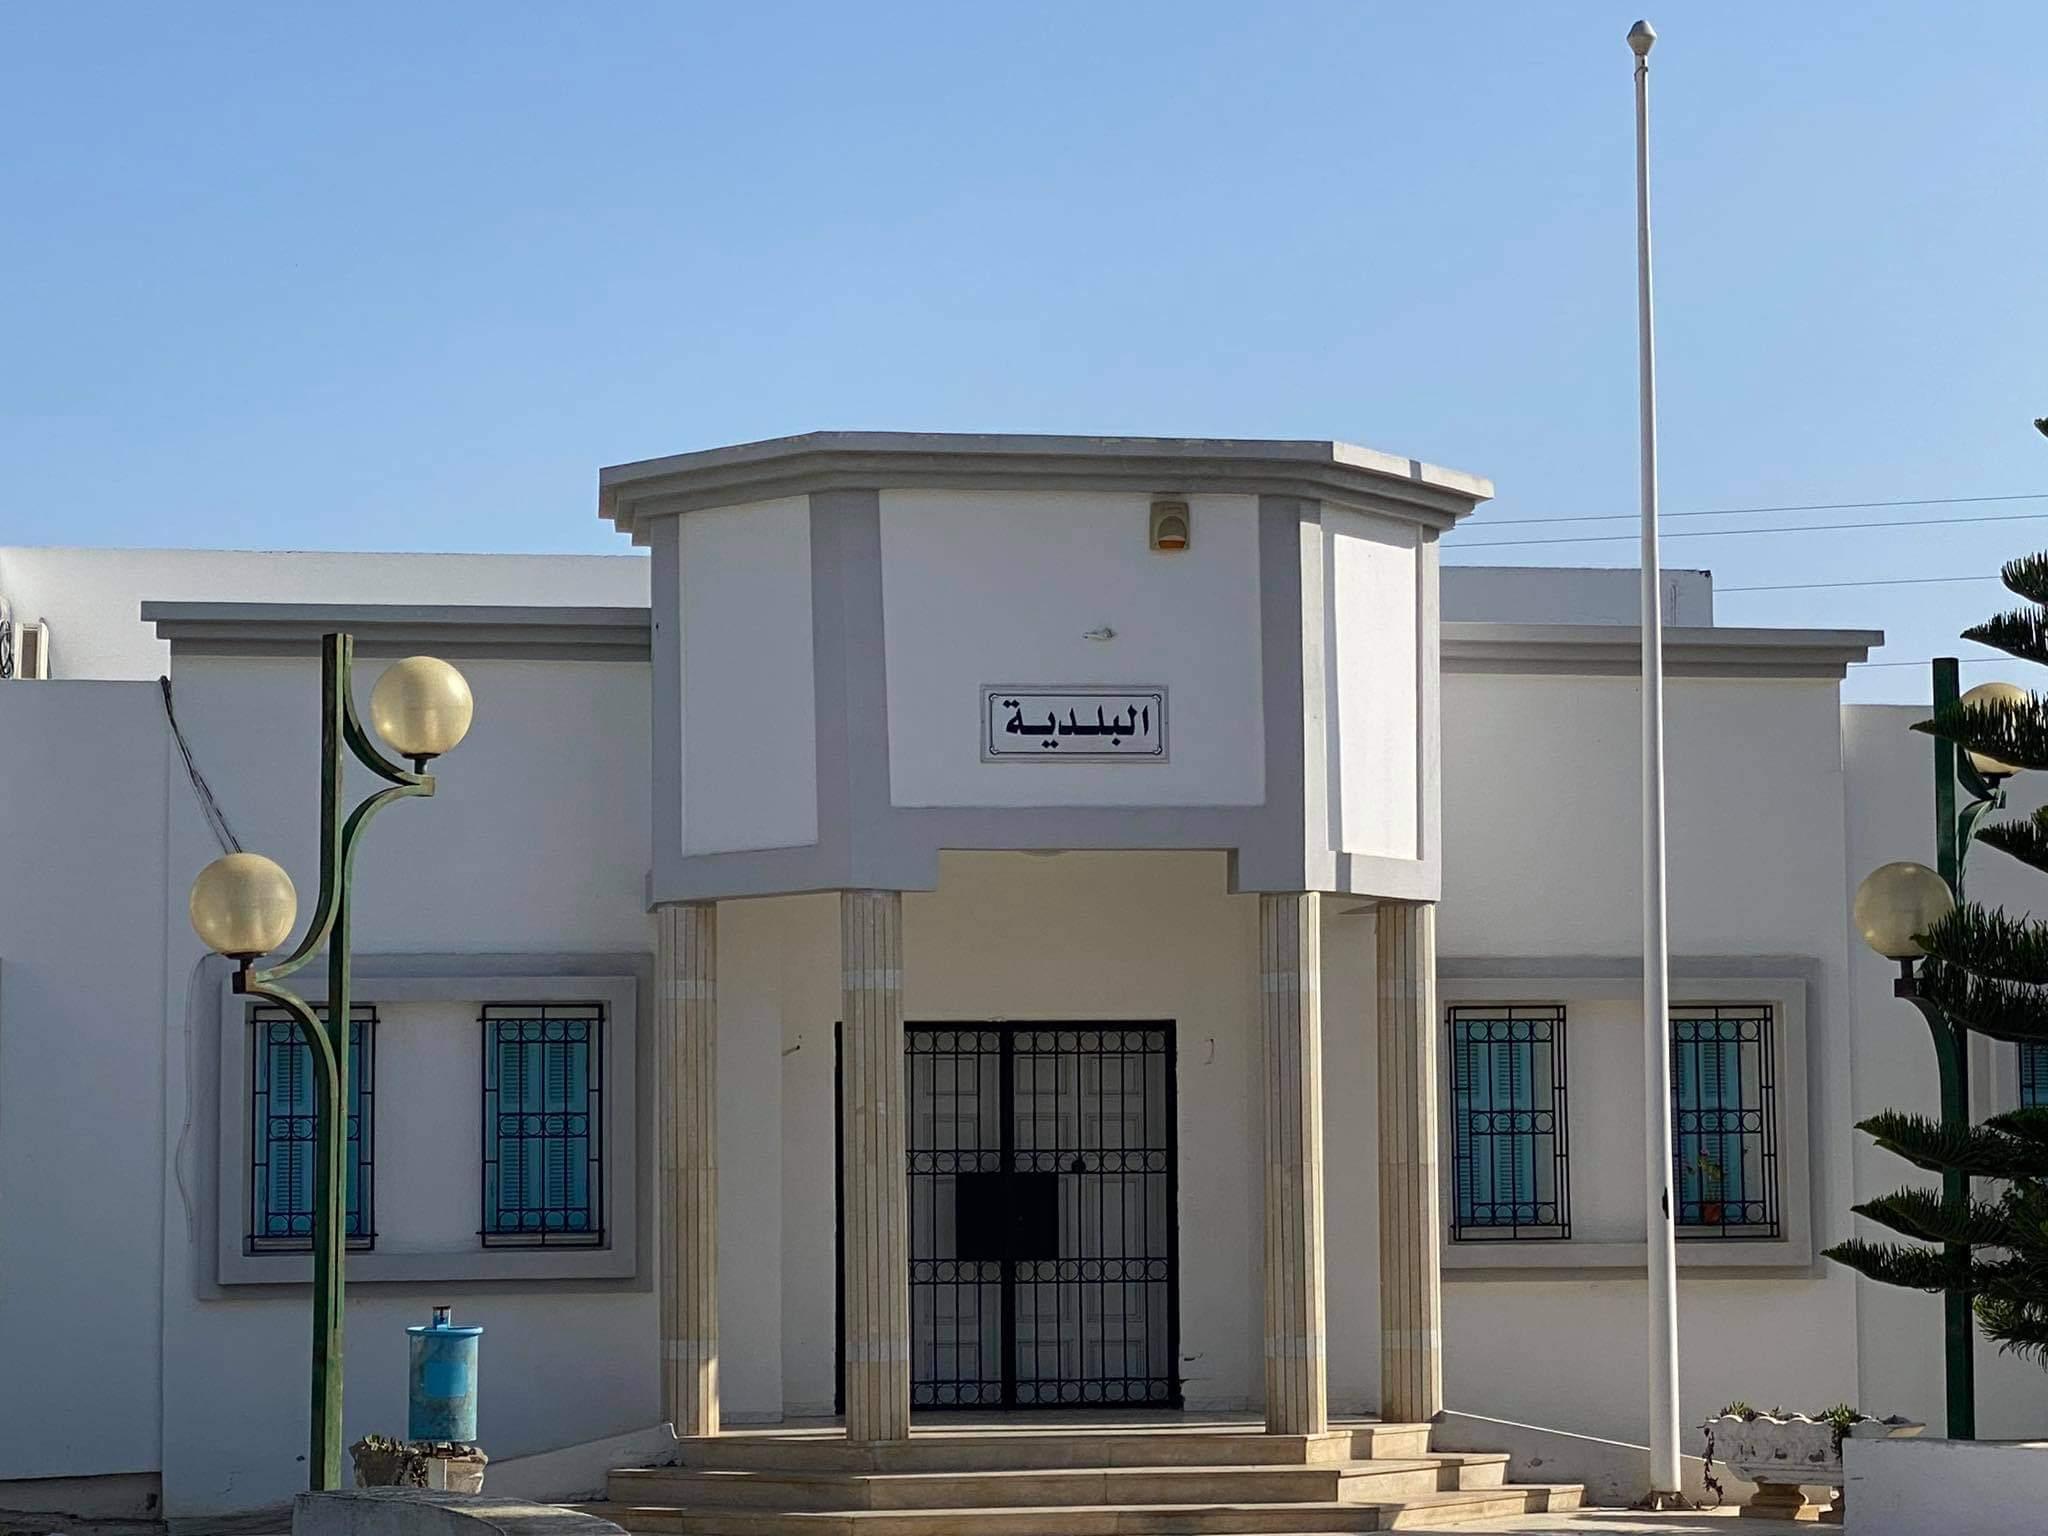 تنديدا بتواصل المظلمة الرياضية: احباء هلال الشابة يغلقون مقرات السيادة والادارات العمومية والمؤسسات المالية: